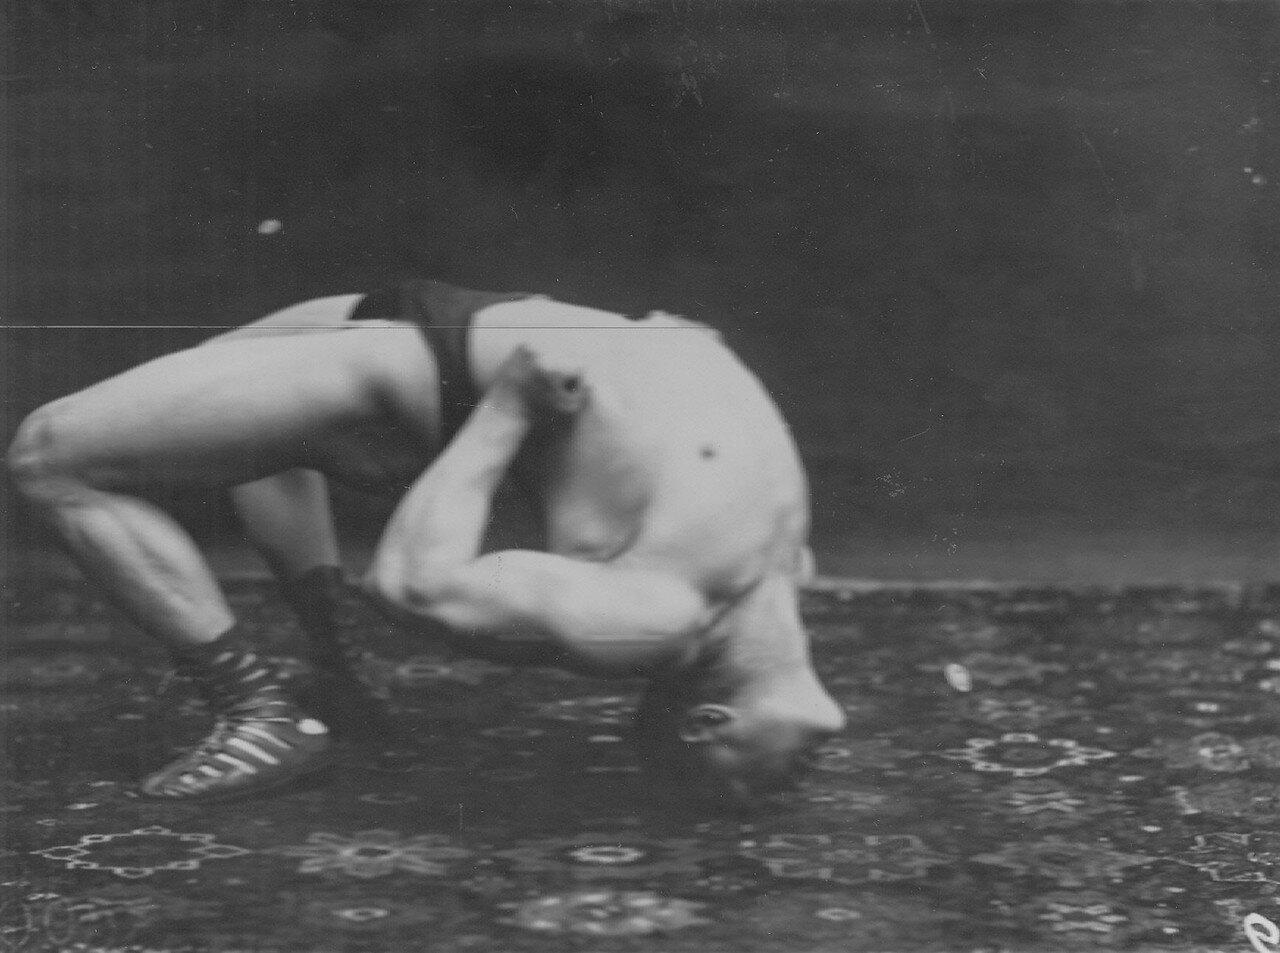 15. Г.Лурих, чемпион мира по классической борьбе, в стойке мостик